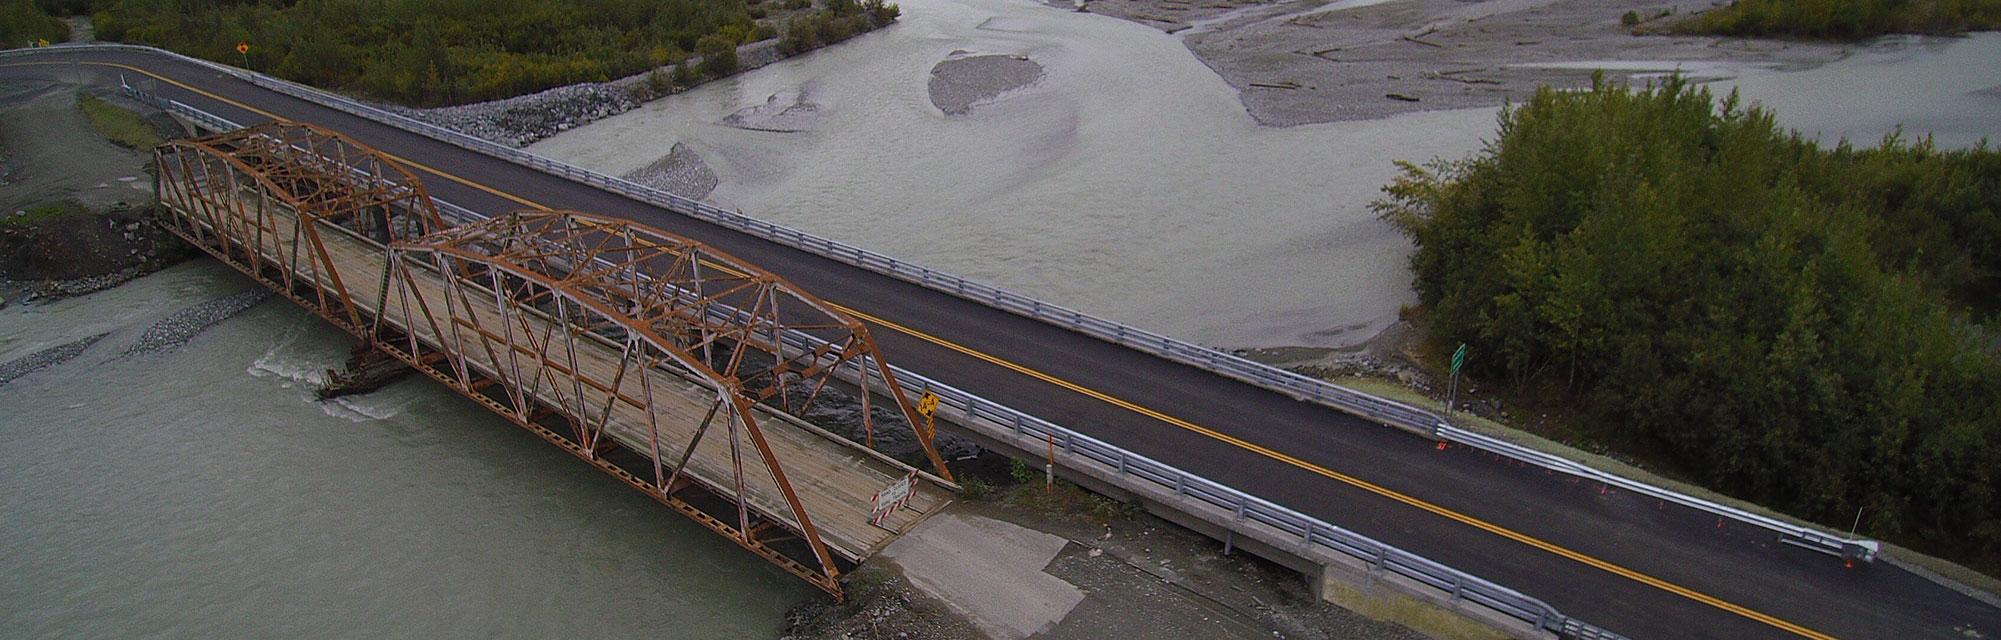 Klehini River Bridge Replacement / Haines, AK